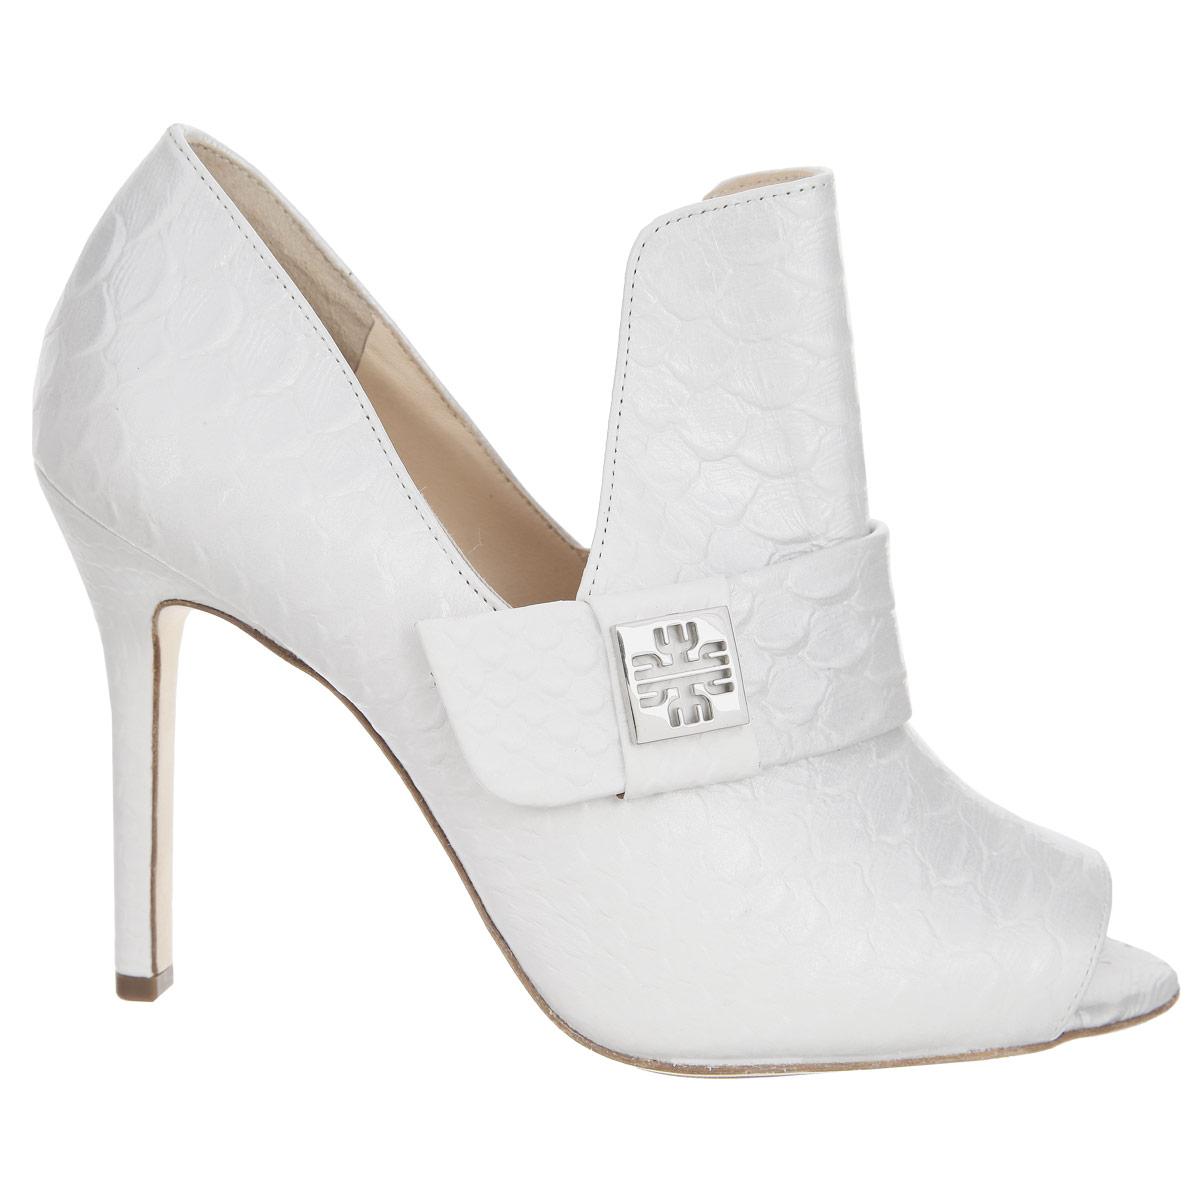 91093367600Оригинальные туфли от Hogl заинтересуют вас своим дизайном! Модель выполнена из натуральной высококачественной кожи и декорирована тиснением под рептилию, глубокими V-образными вырезами на боковых сторонах. Подъем оформлен декоративным ремнем с металлической пластиной, украшенной резным узором. Открытый носок внесет женственные нотки в ваш образ. Подкладка и стелька из натуральной кожи комфортны при ходьбе. Высокий каблук дополнен противоскользящим рифлением. Эффектные туфли помогут вам выделиться среди окружающих!